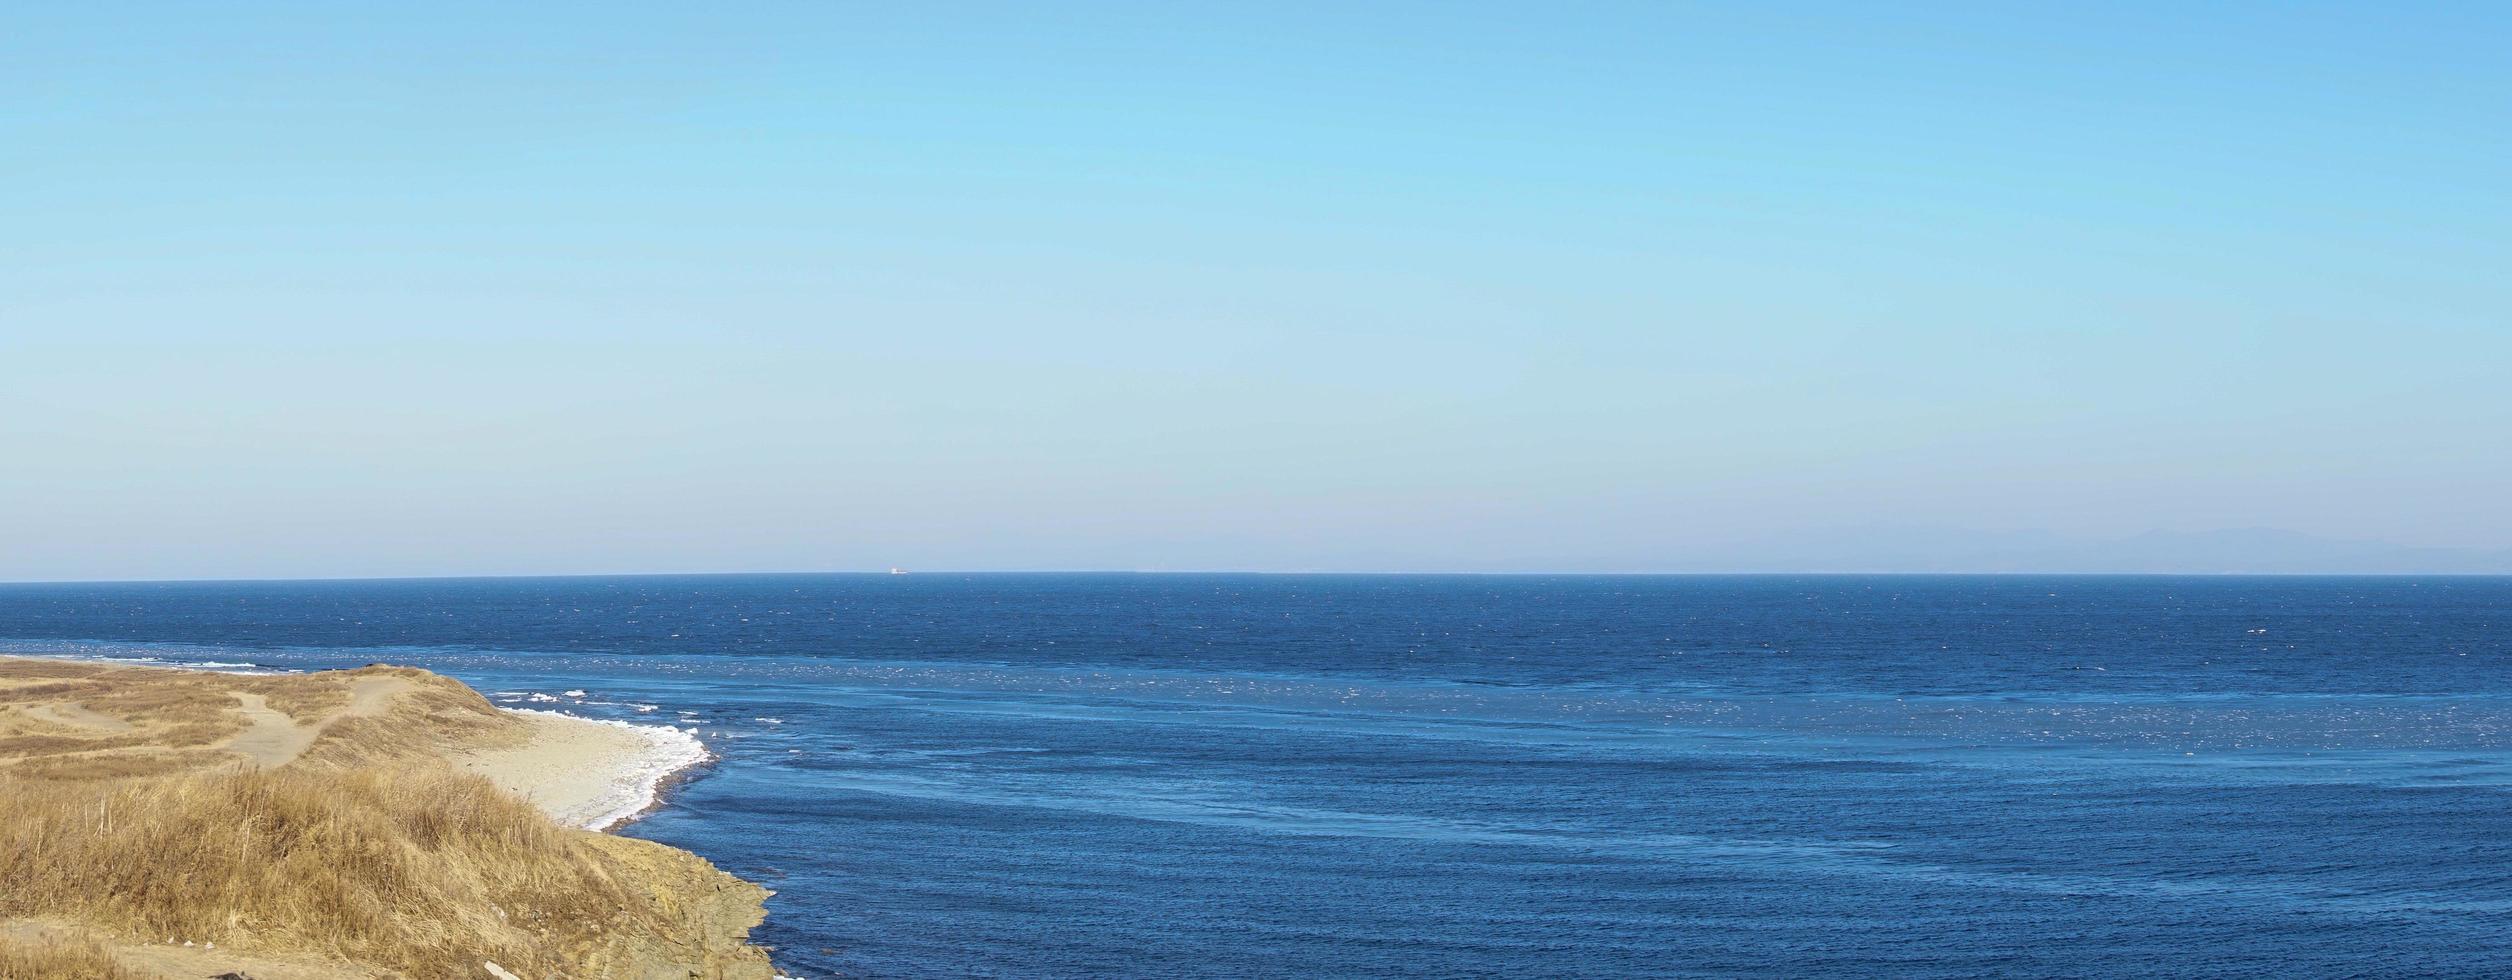 panorama di un corpo d'acqua con costa a vladivostok, russia foto